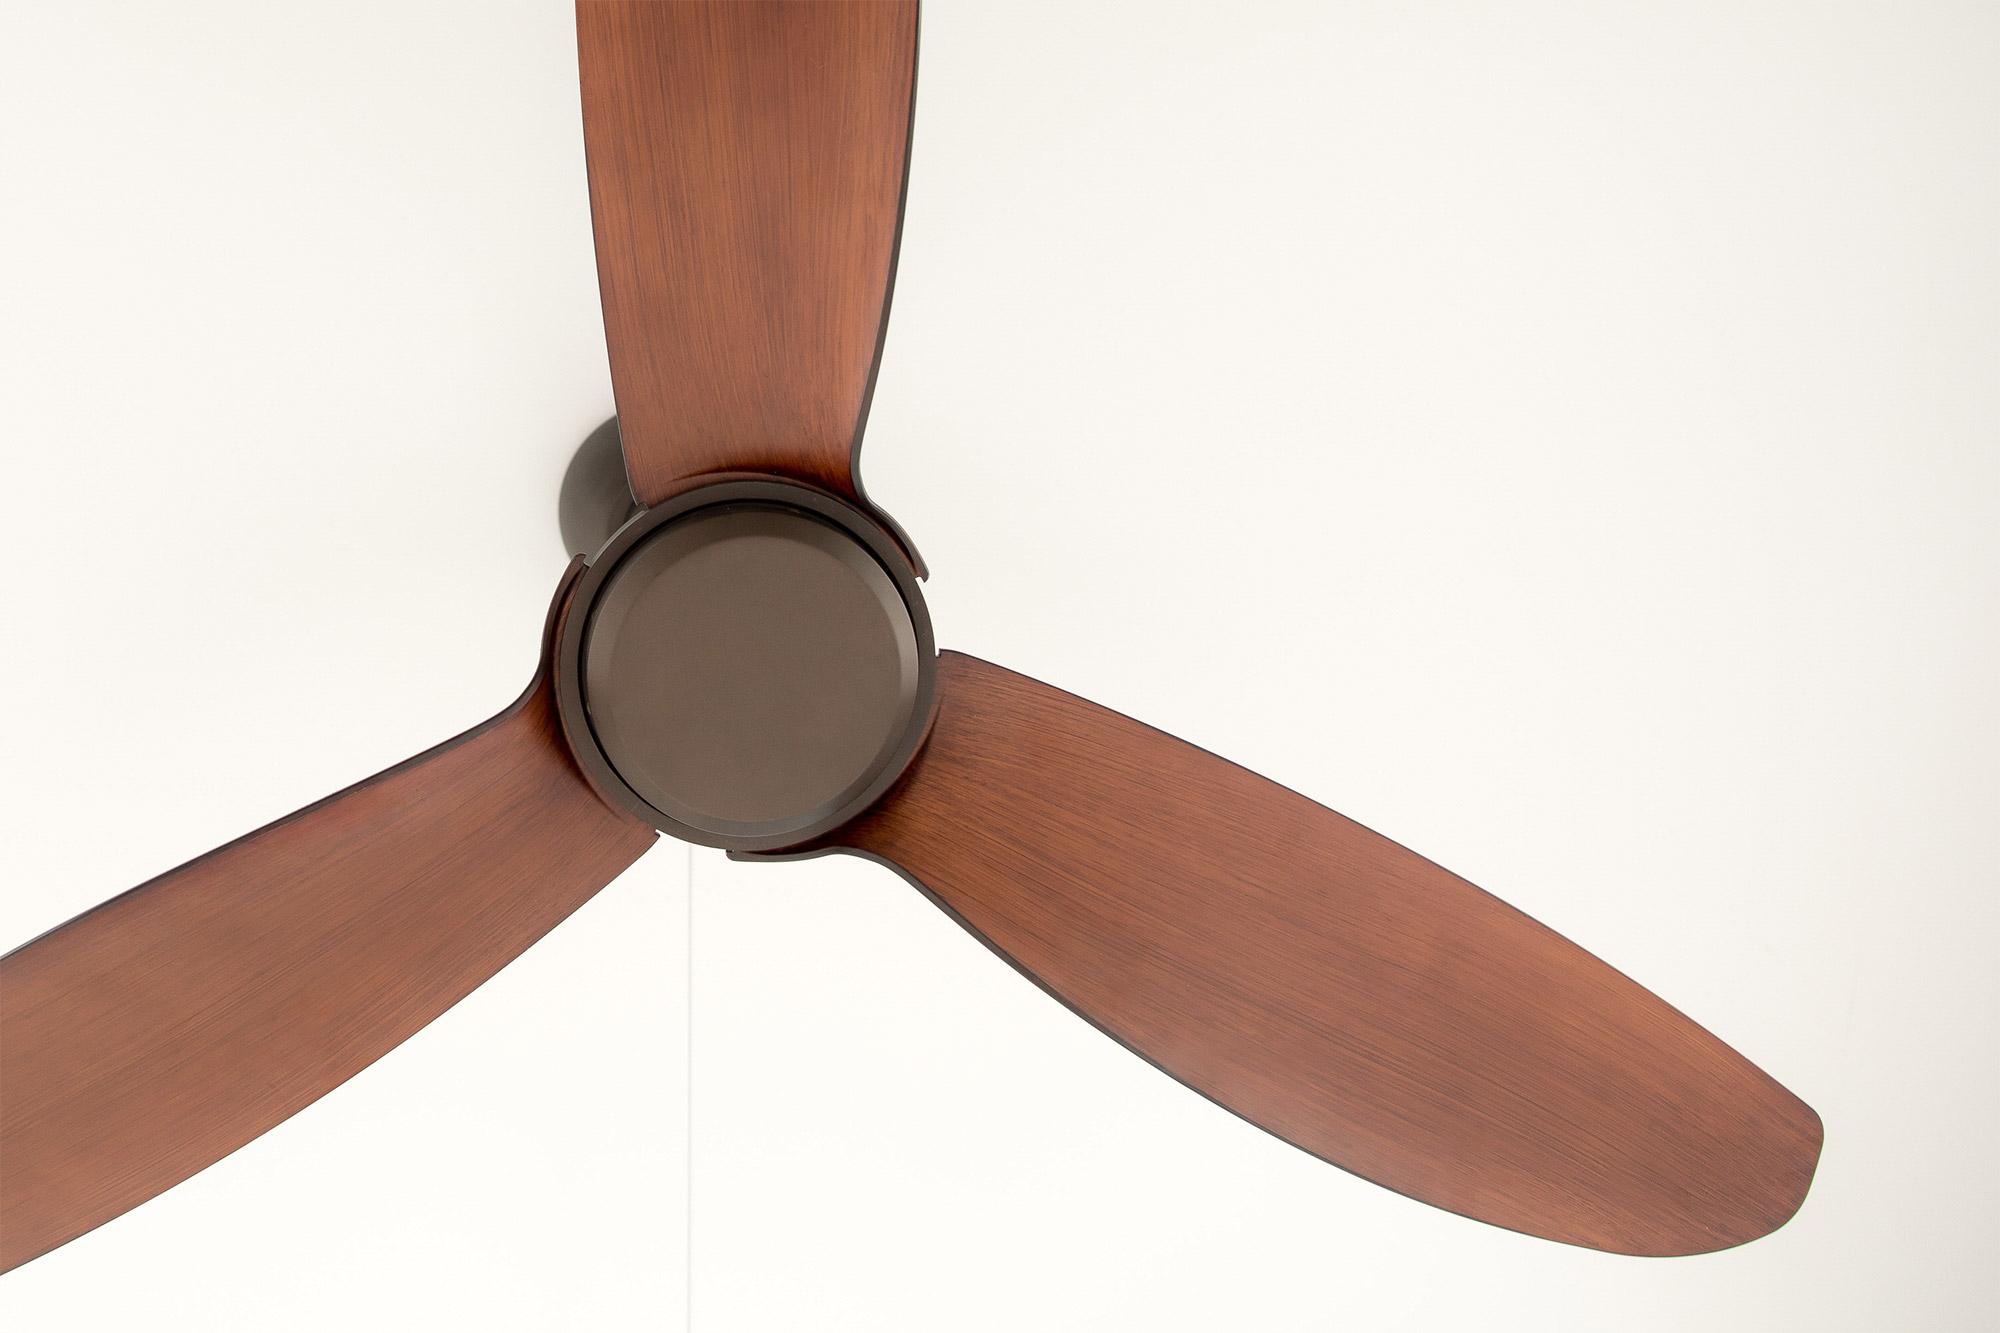 Trinity 56 Oil Rubbed Bronze Ceiling Fan 2